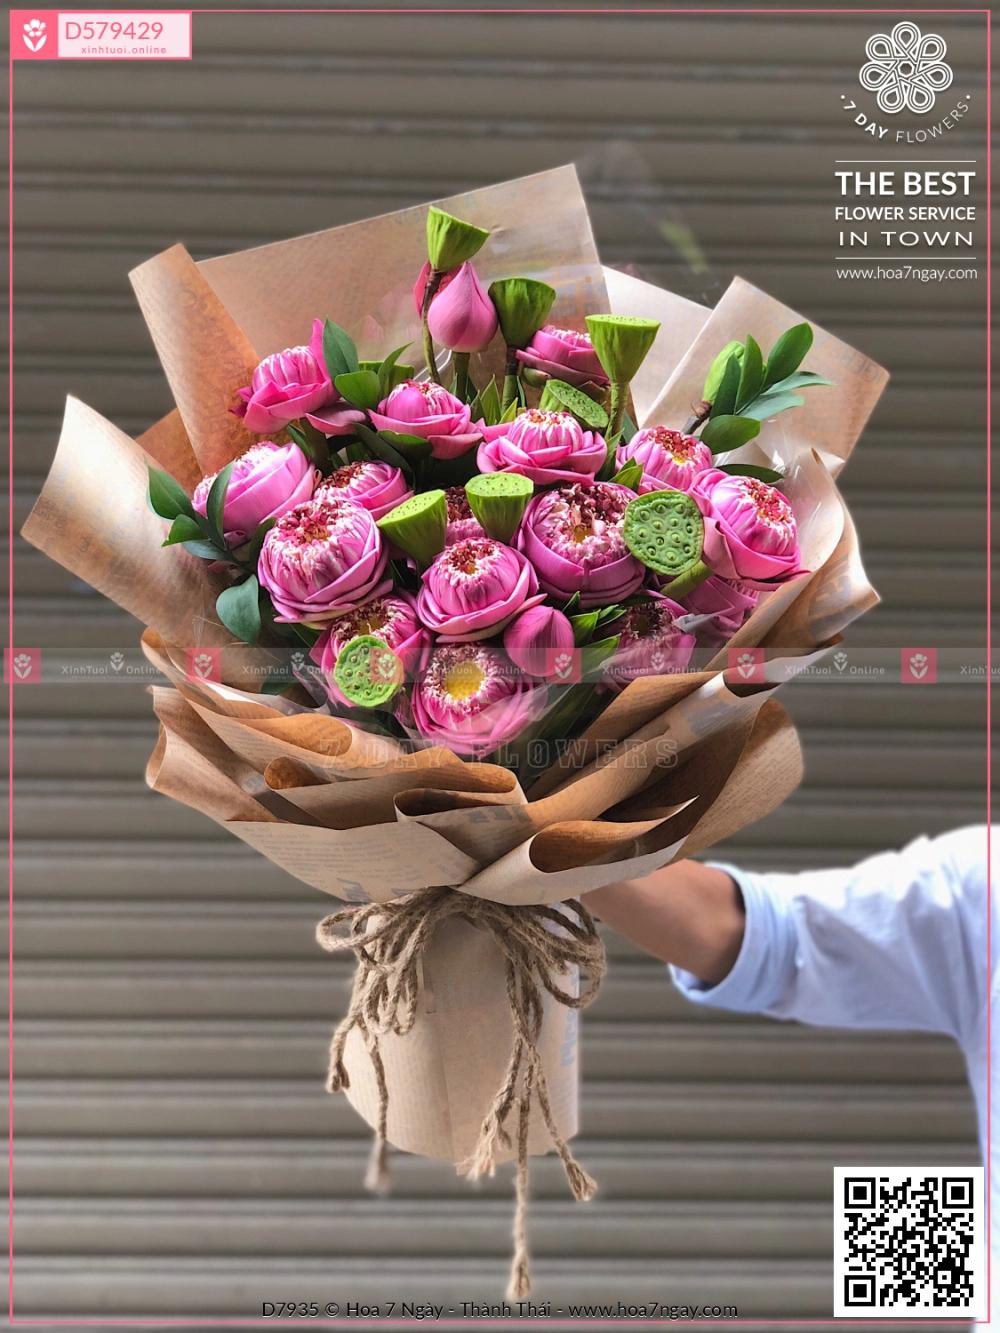 Sen Hồng - D579429 - xinhtuoi.online